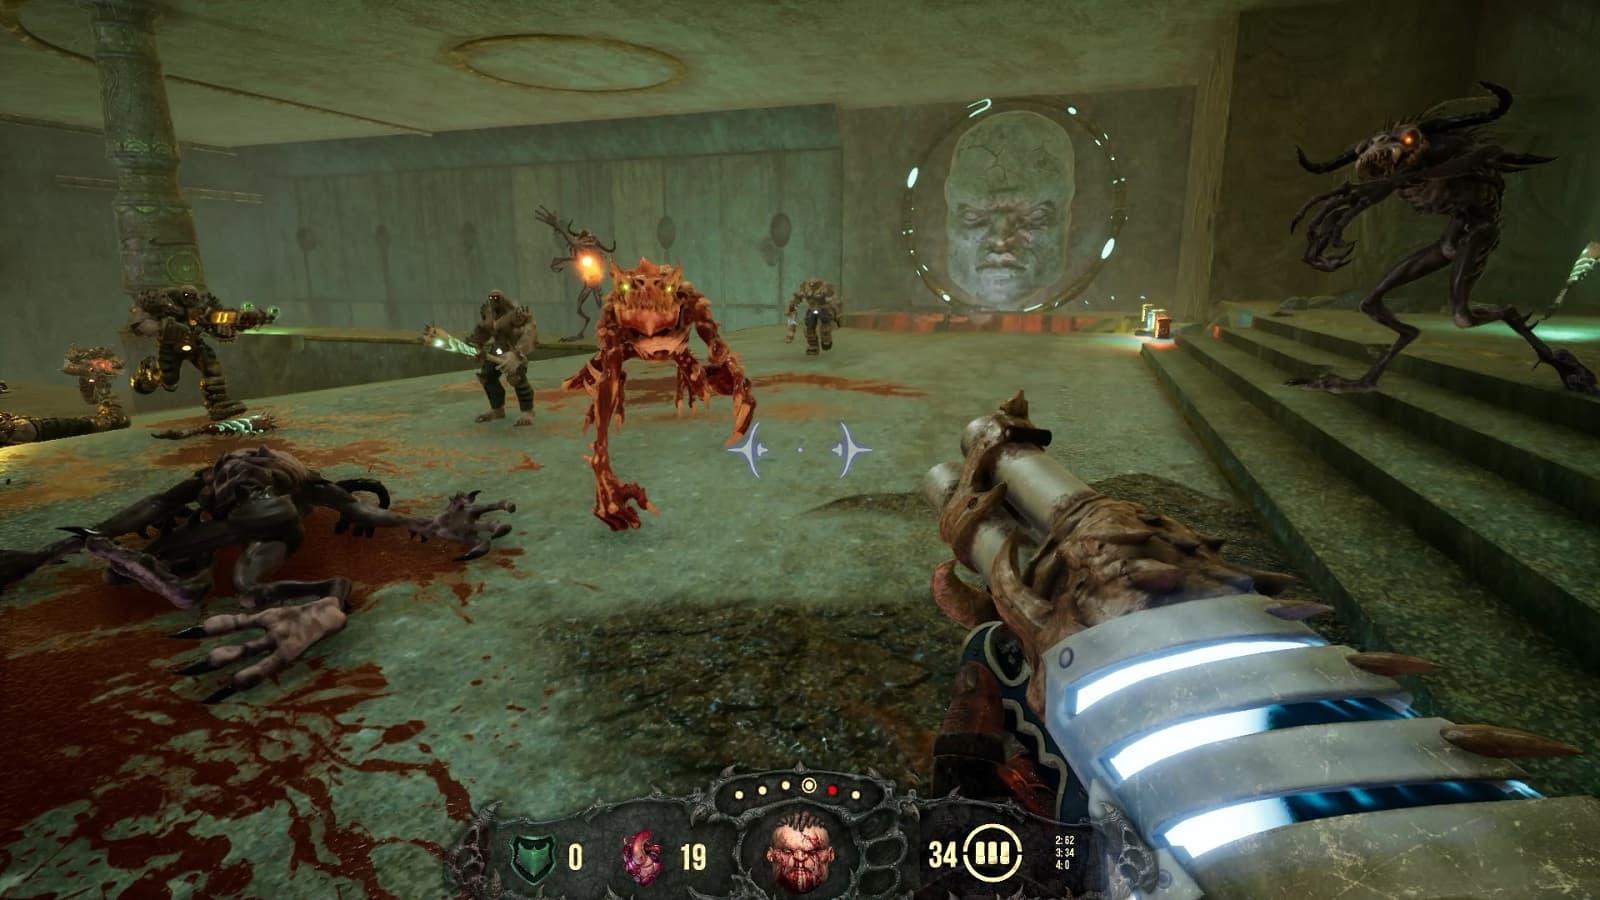 Рецензия на игру Hellbound - кривого и хромого последователя Doom и Quake - 03